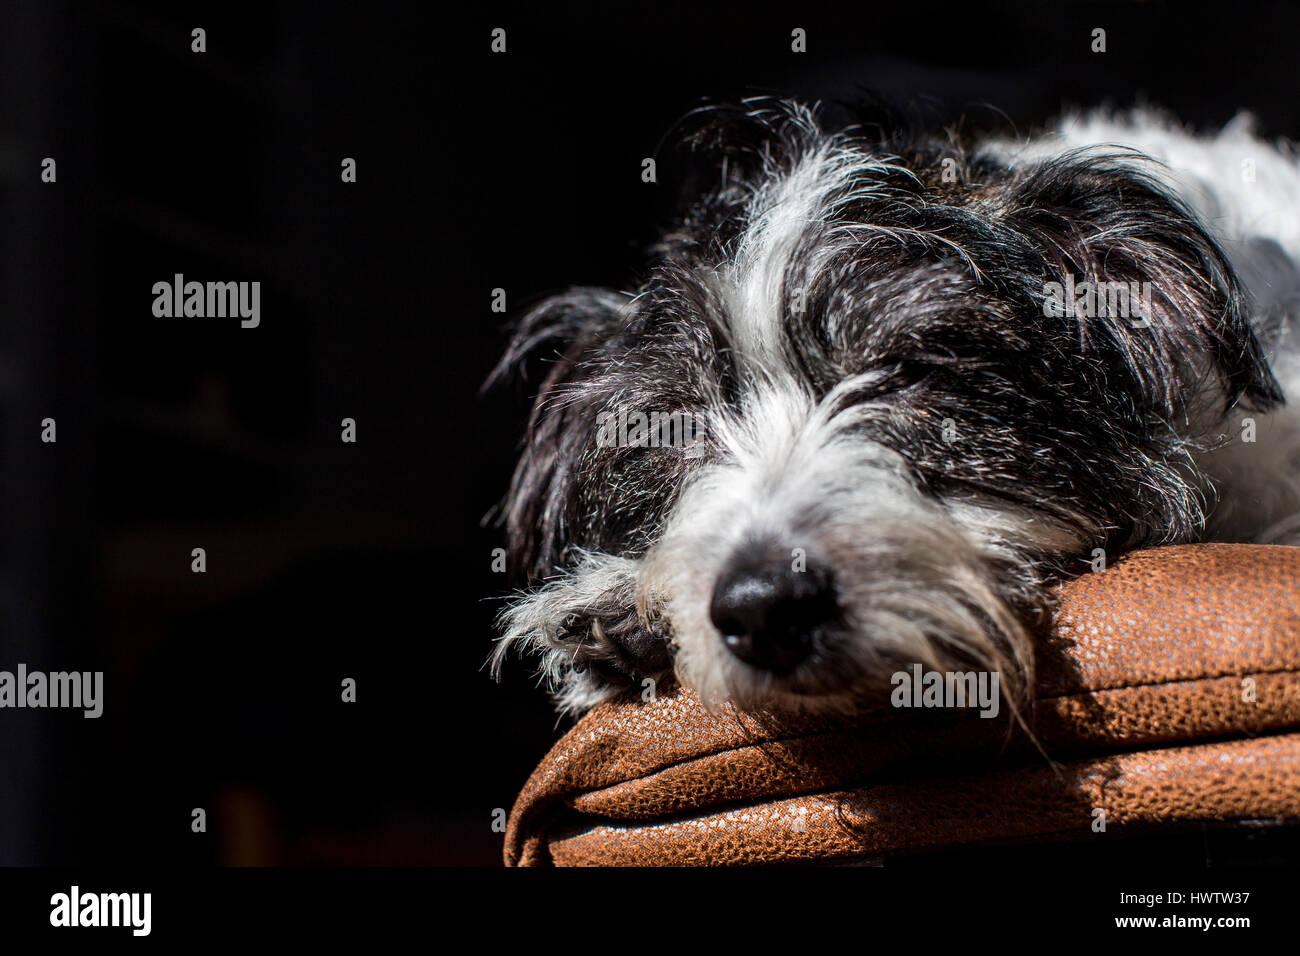 Un perro blanco y negro (cruce entre Jack Russell y Bichón Frise ) se relaja en un eje de la luz mientras descansa Imagen De Stock